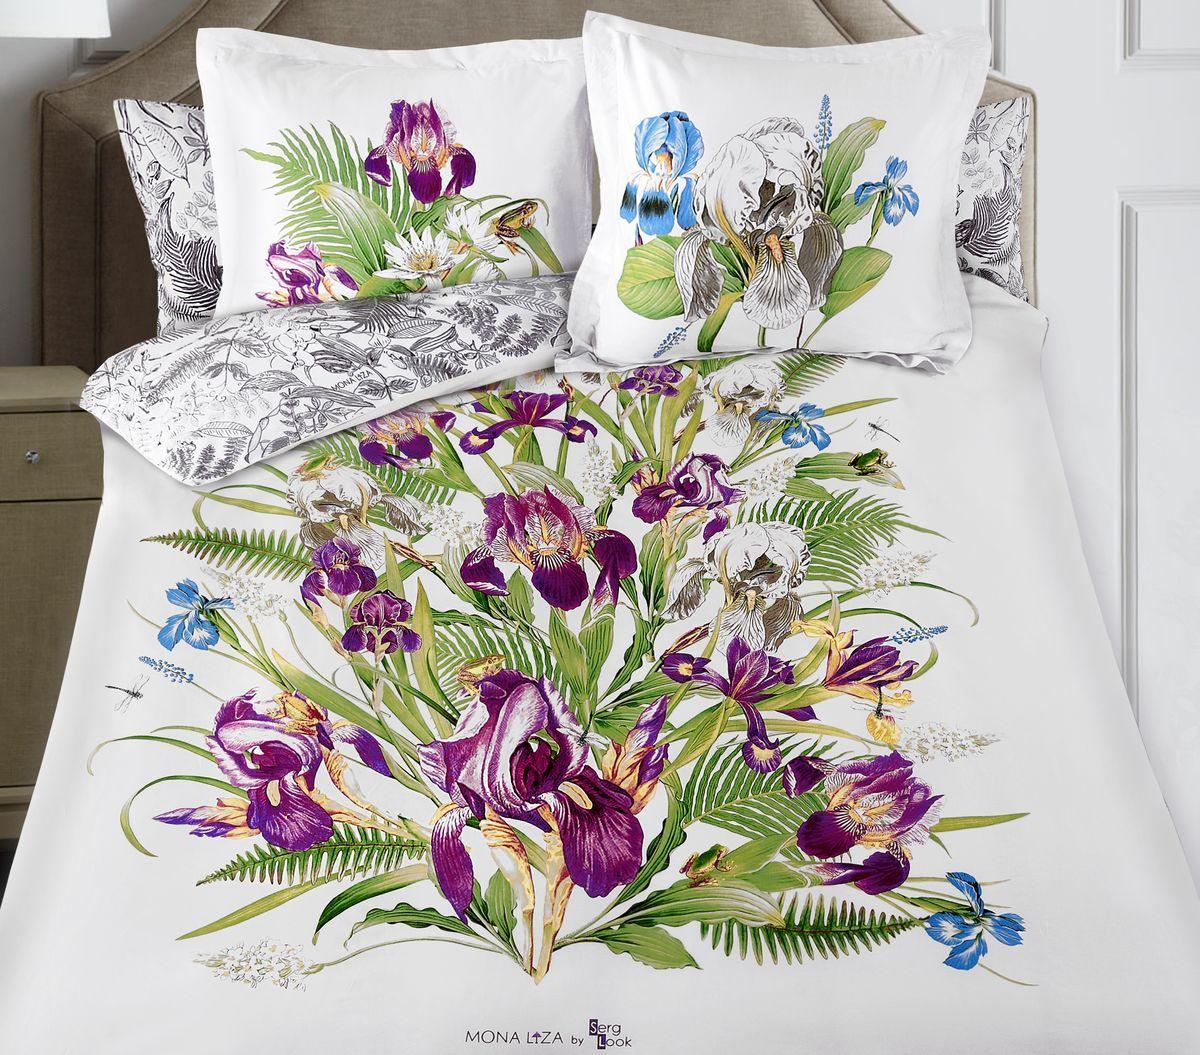 Комплект белья Mona Liza Iris, евро, наволочки 50x70 и 70x70, цвет: белый. 9/79/7Флоральные мотивы редких экзотических цветов, переведенные в паттерн, позаимствованы из путешествий по тропическим лесам, будоражат воображение природными сочетаниями цветовых палитр и роскошью принтов. Коллекция принесет в ваш дом незабываемое настроение и добавит колорит. Высококачественный сатин окутает и позволит раствориться в мечтах о дальних жарких странах и окунуться во время вечного лета!